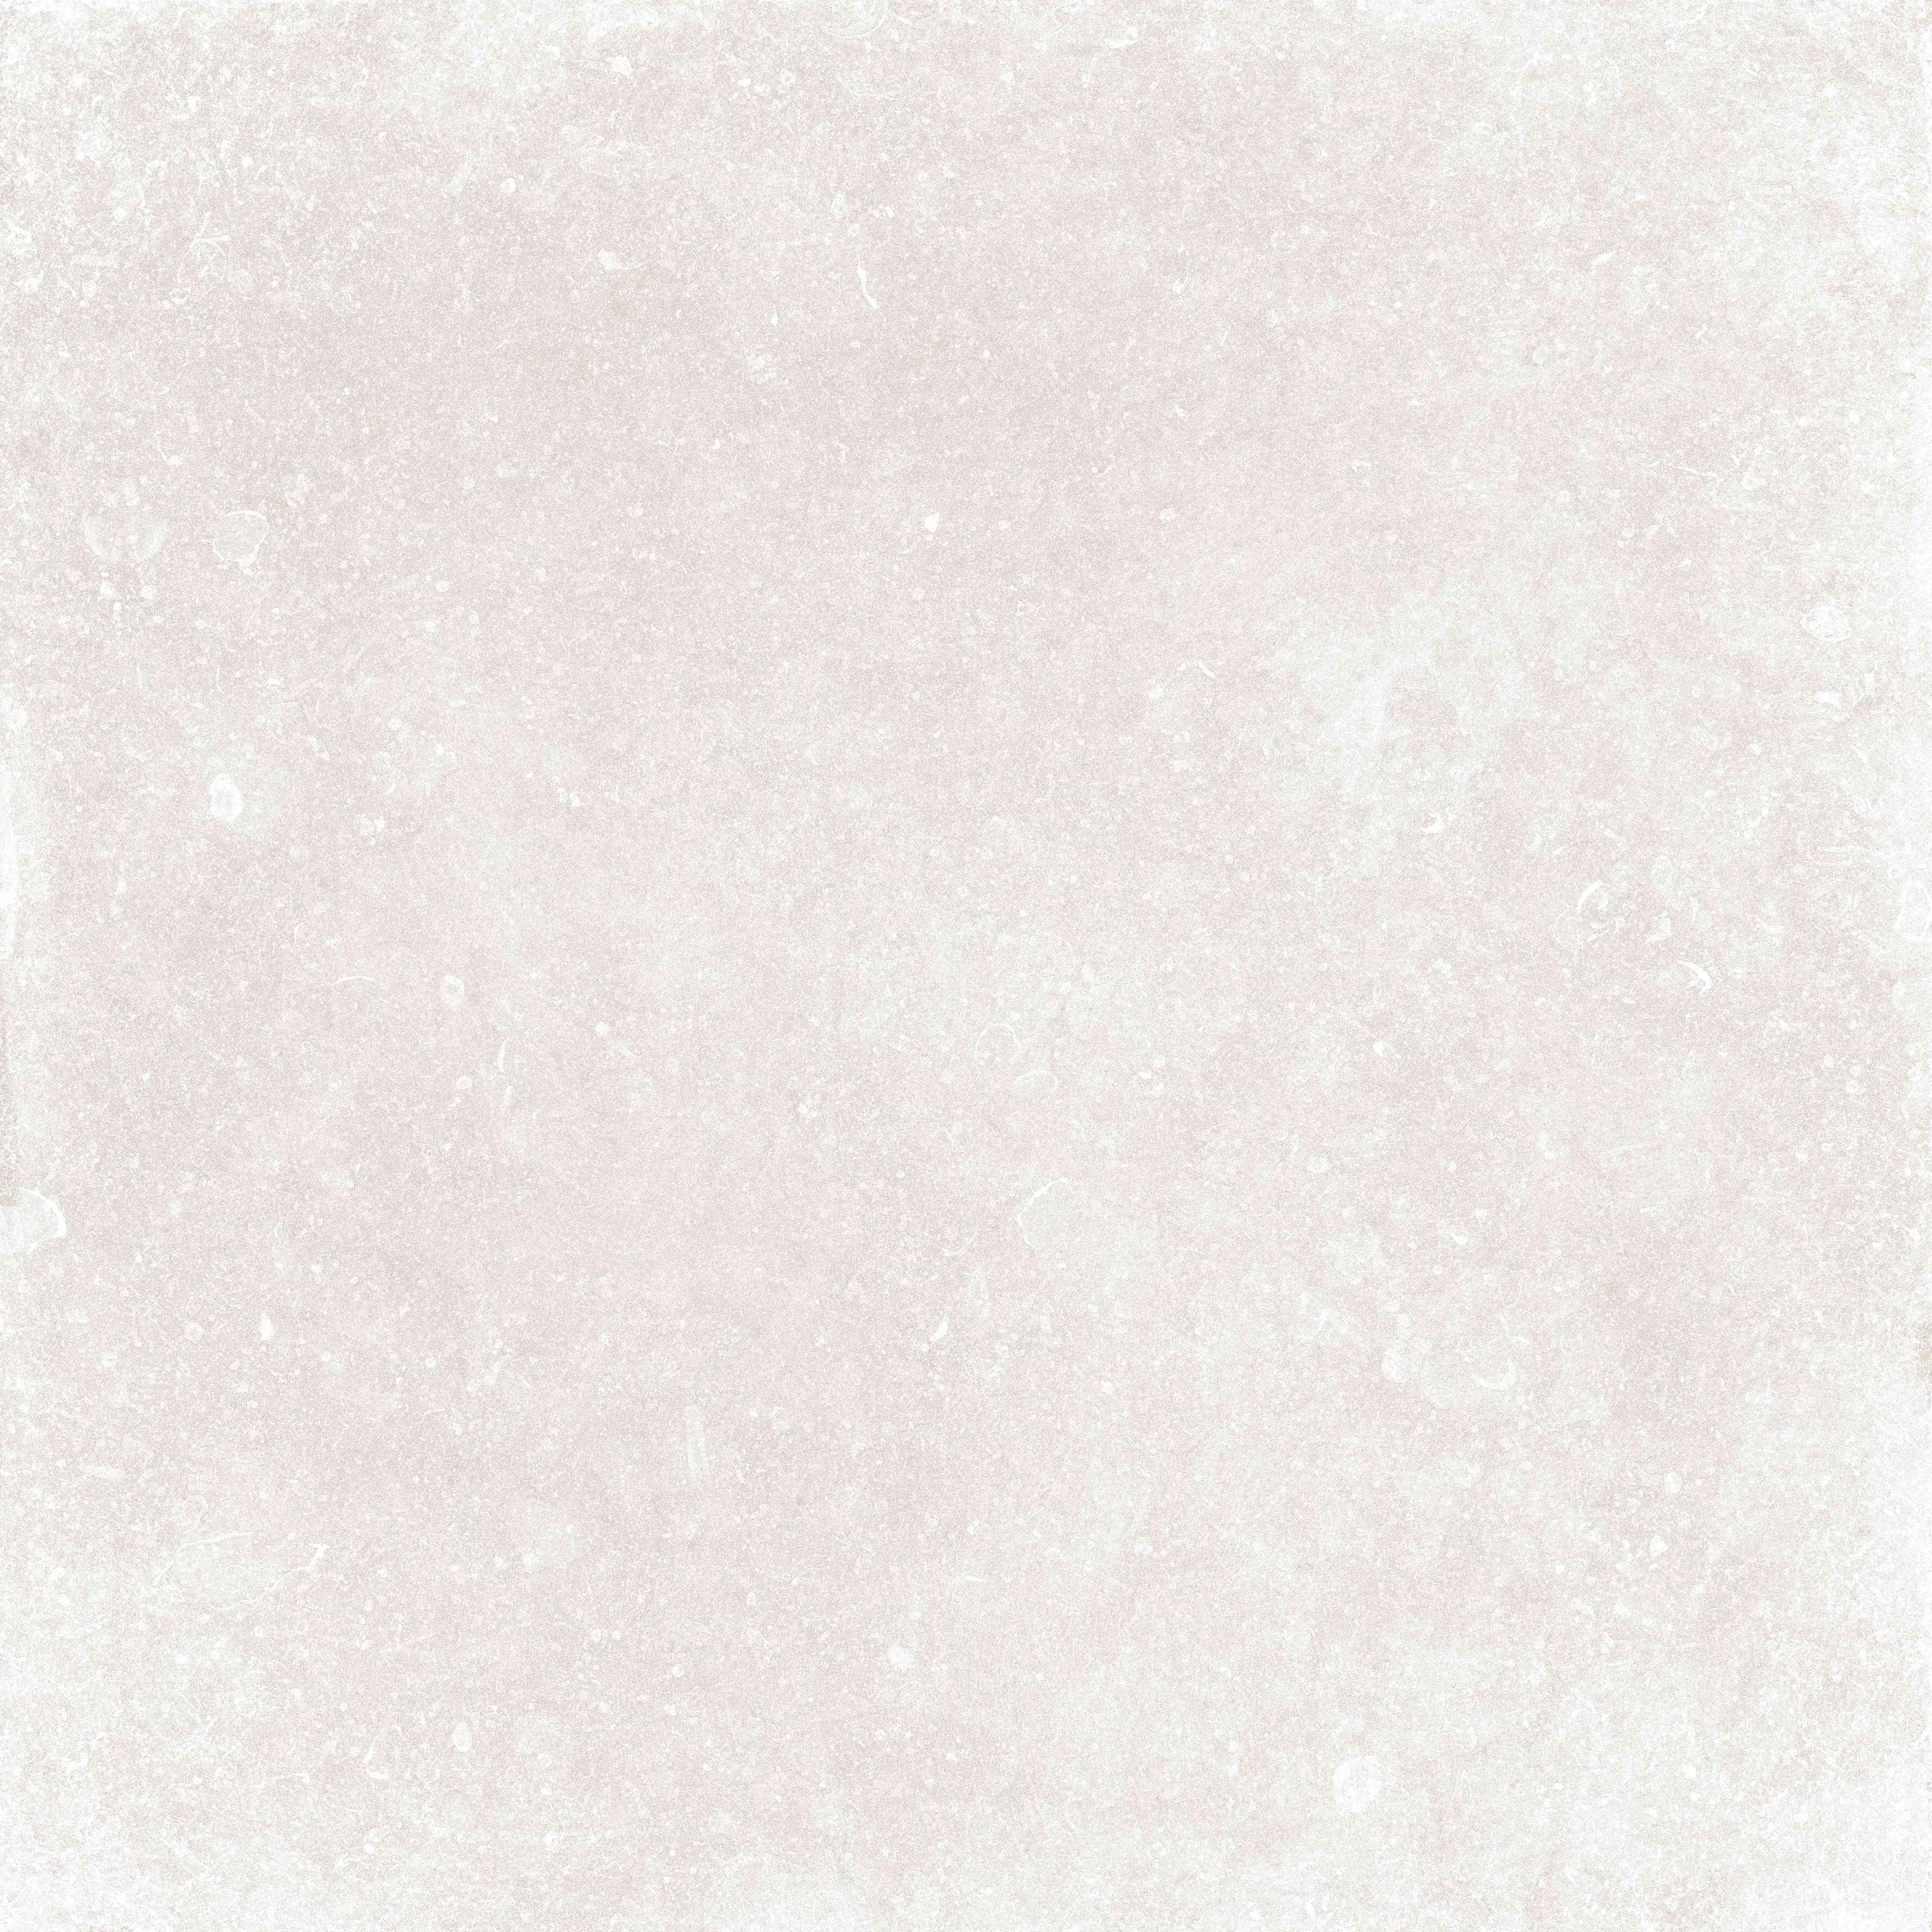 Плитка BIANCO (ZRXPZ1R) изображение 2